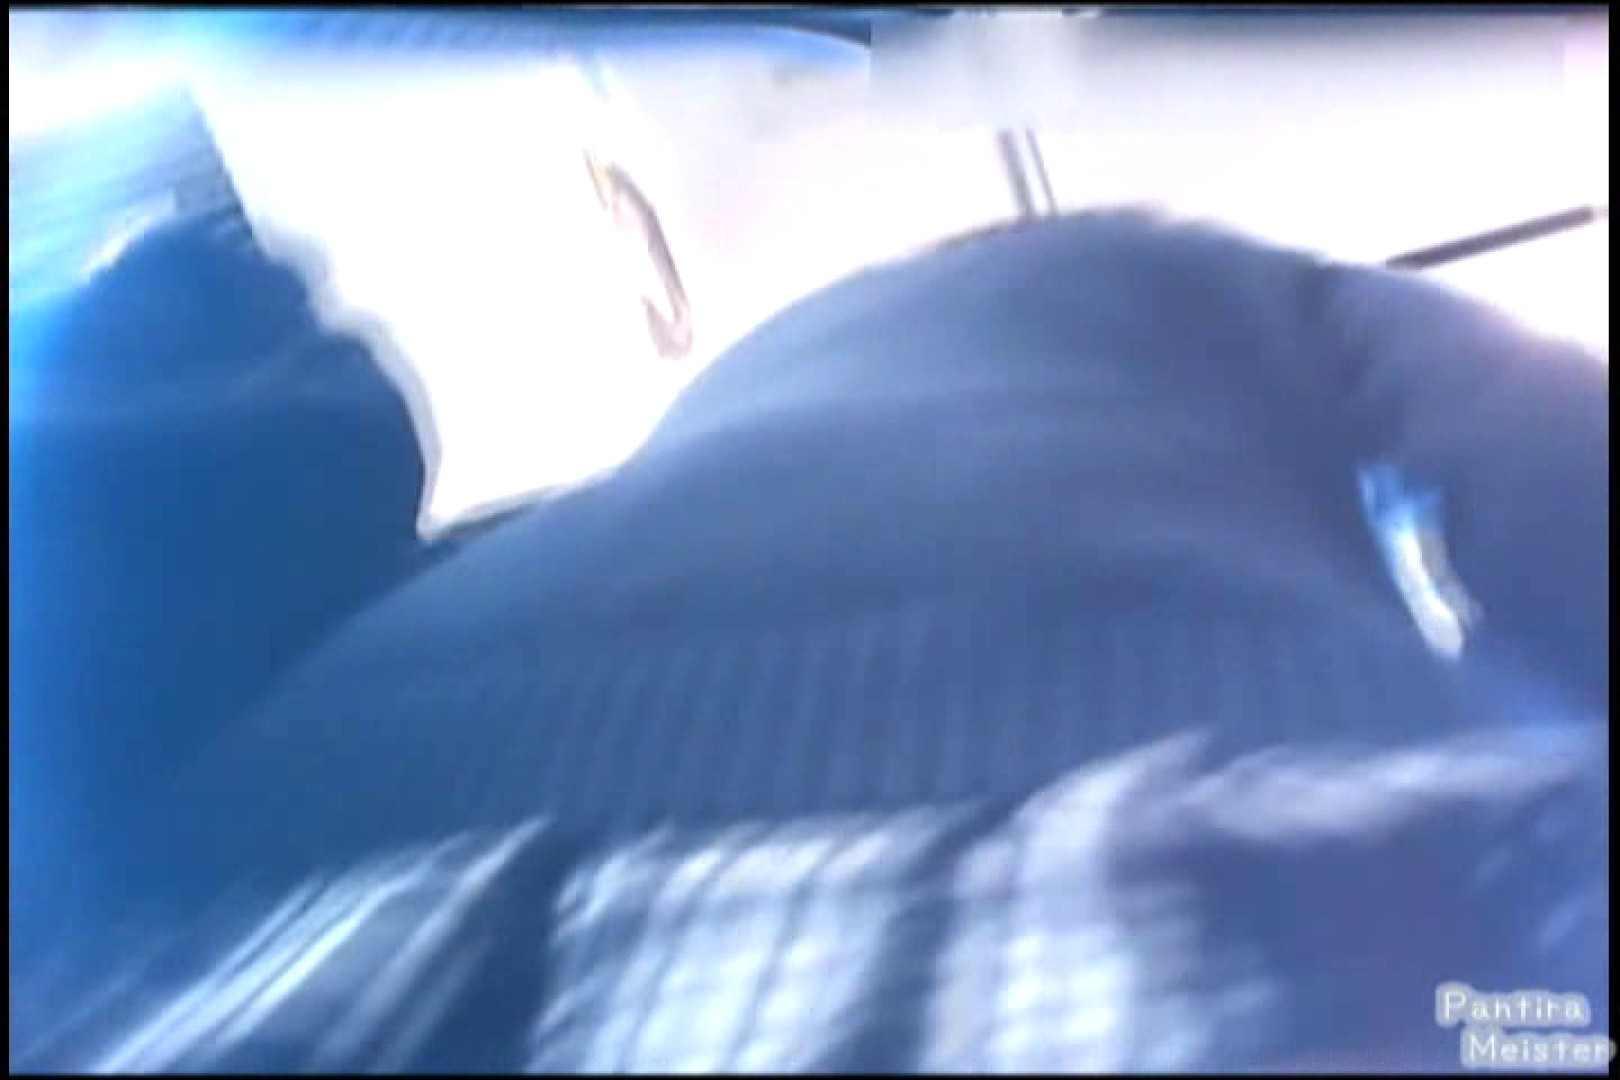 オリジナルパンチラNO.03貴重なパンツの染み発見 車 | チラ見え画像  108連発 58